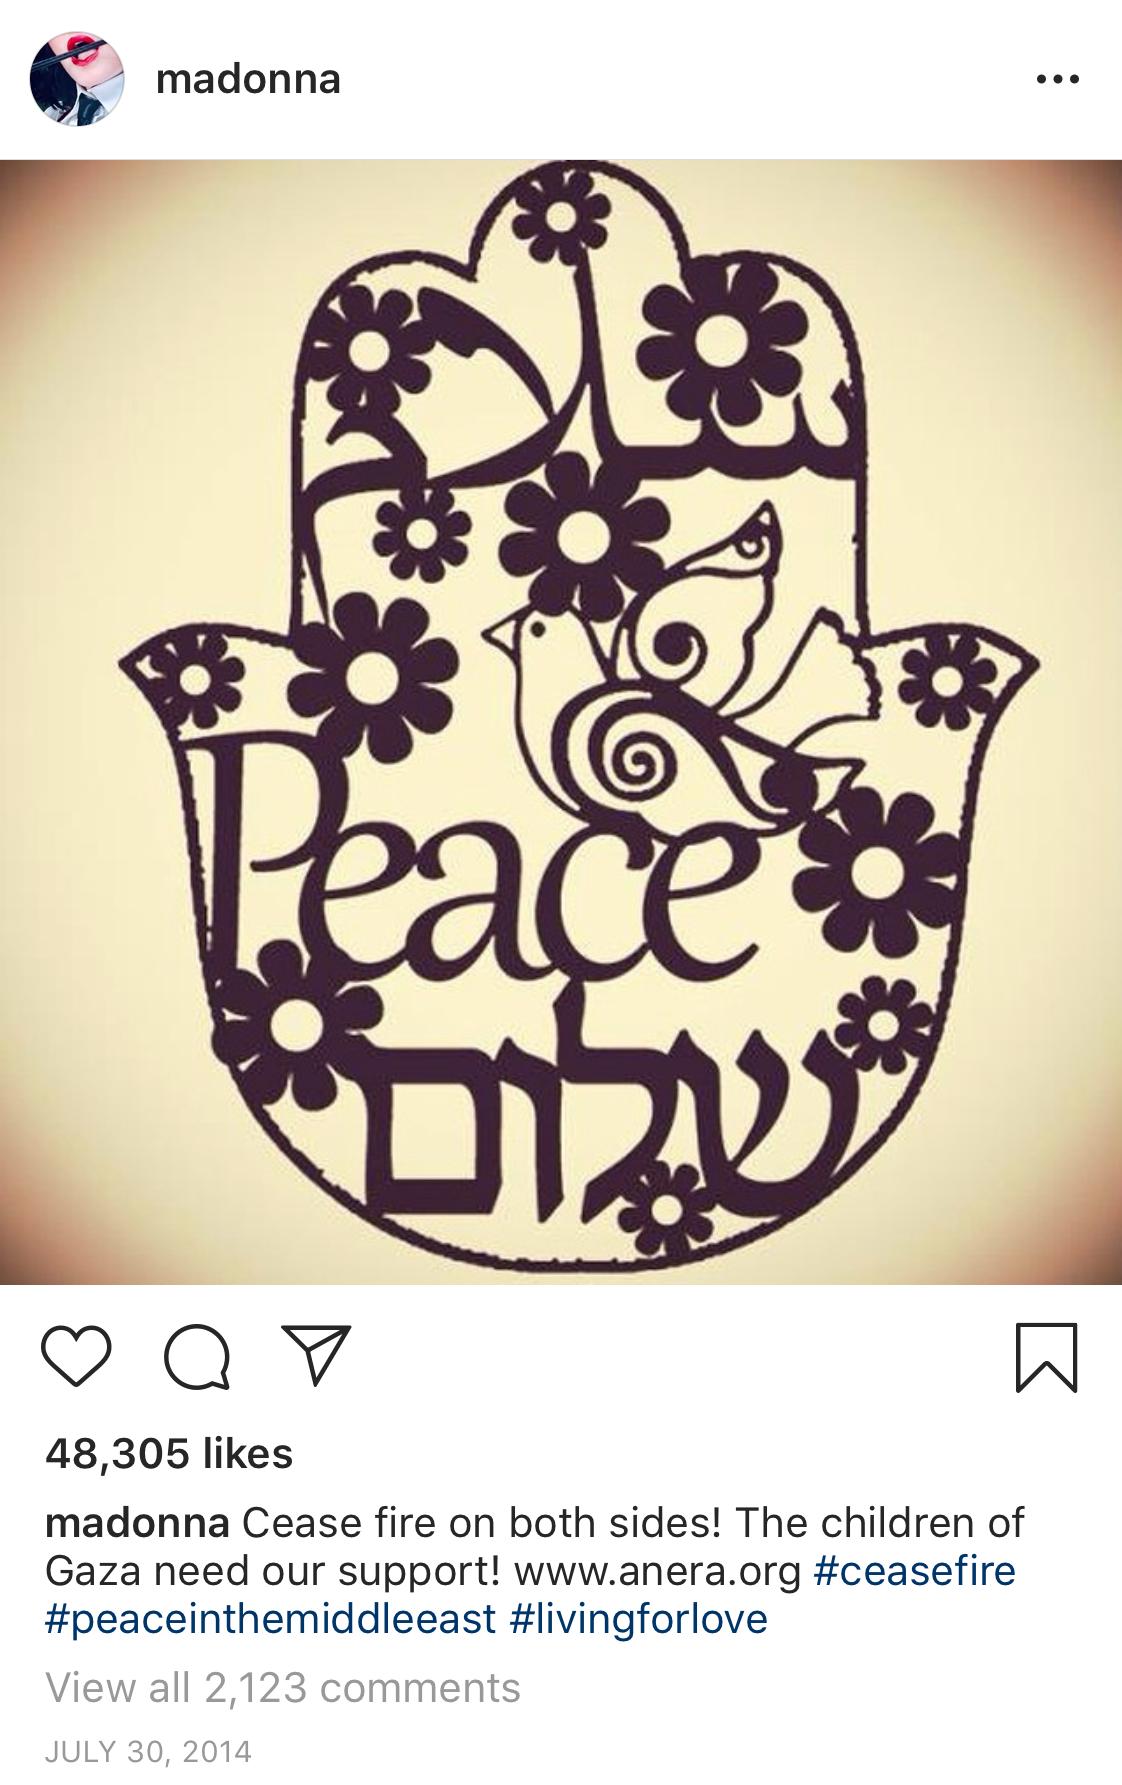 Madonna_Instagram_1.png